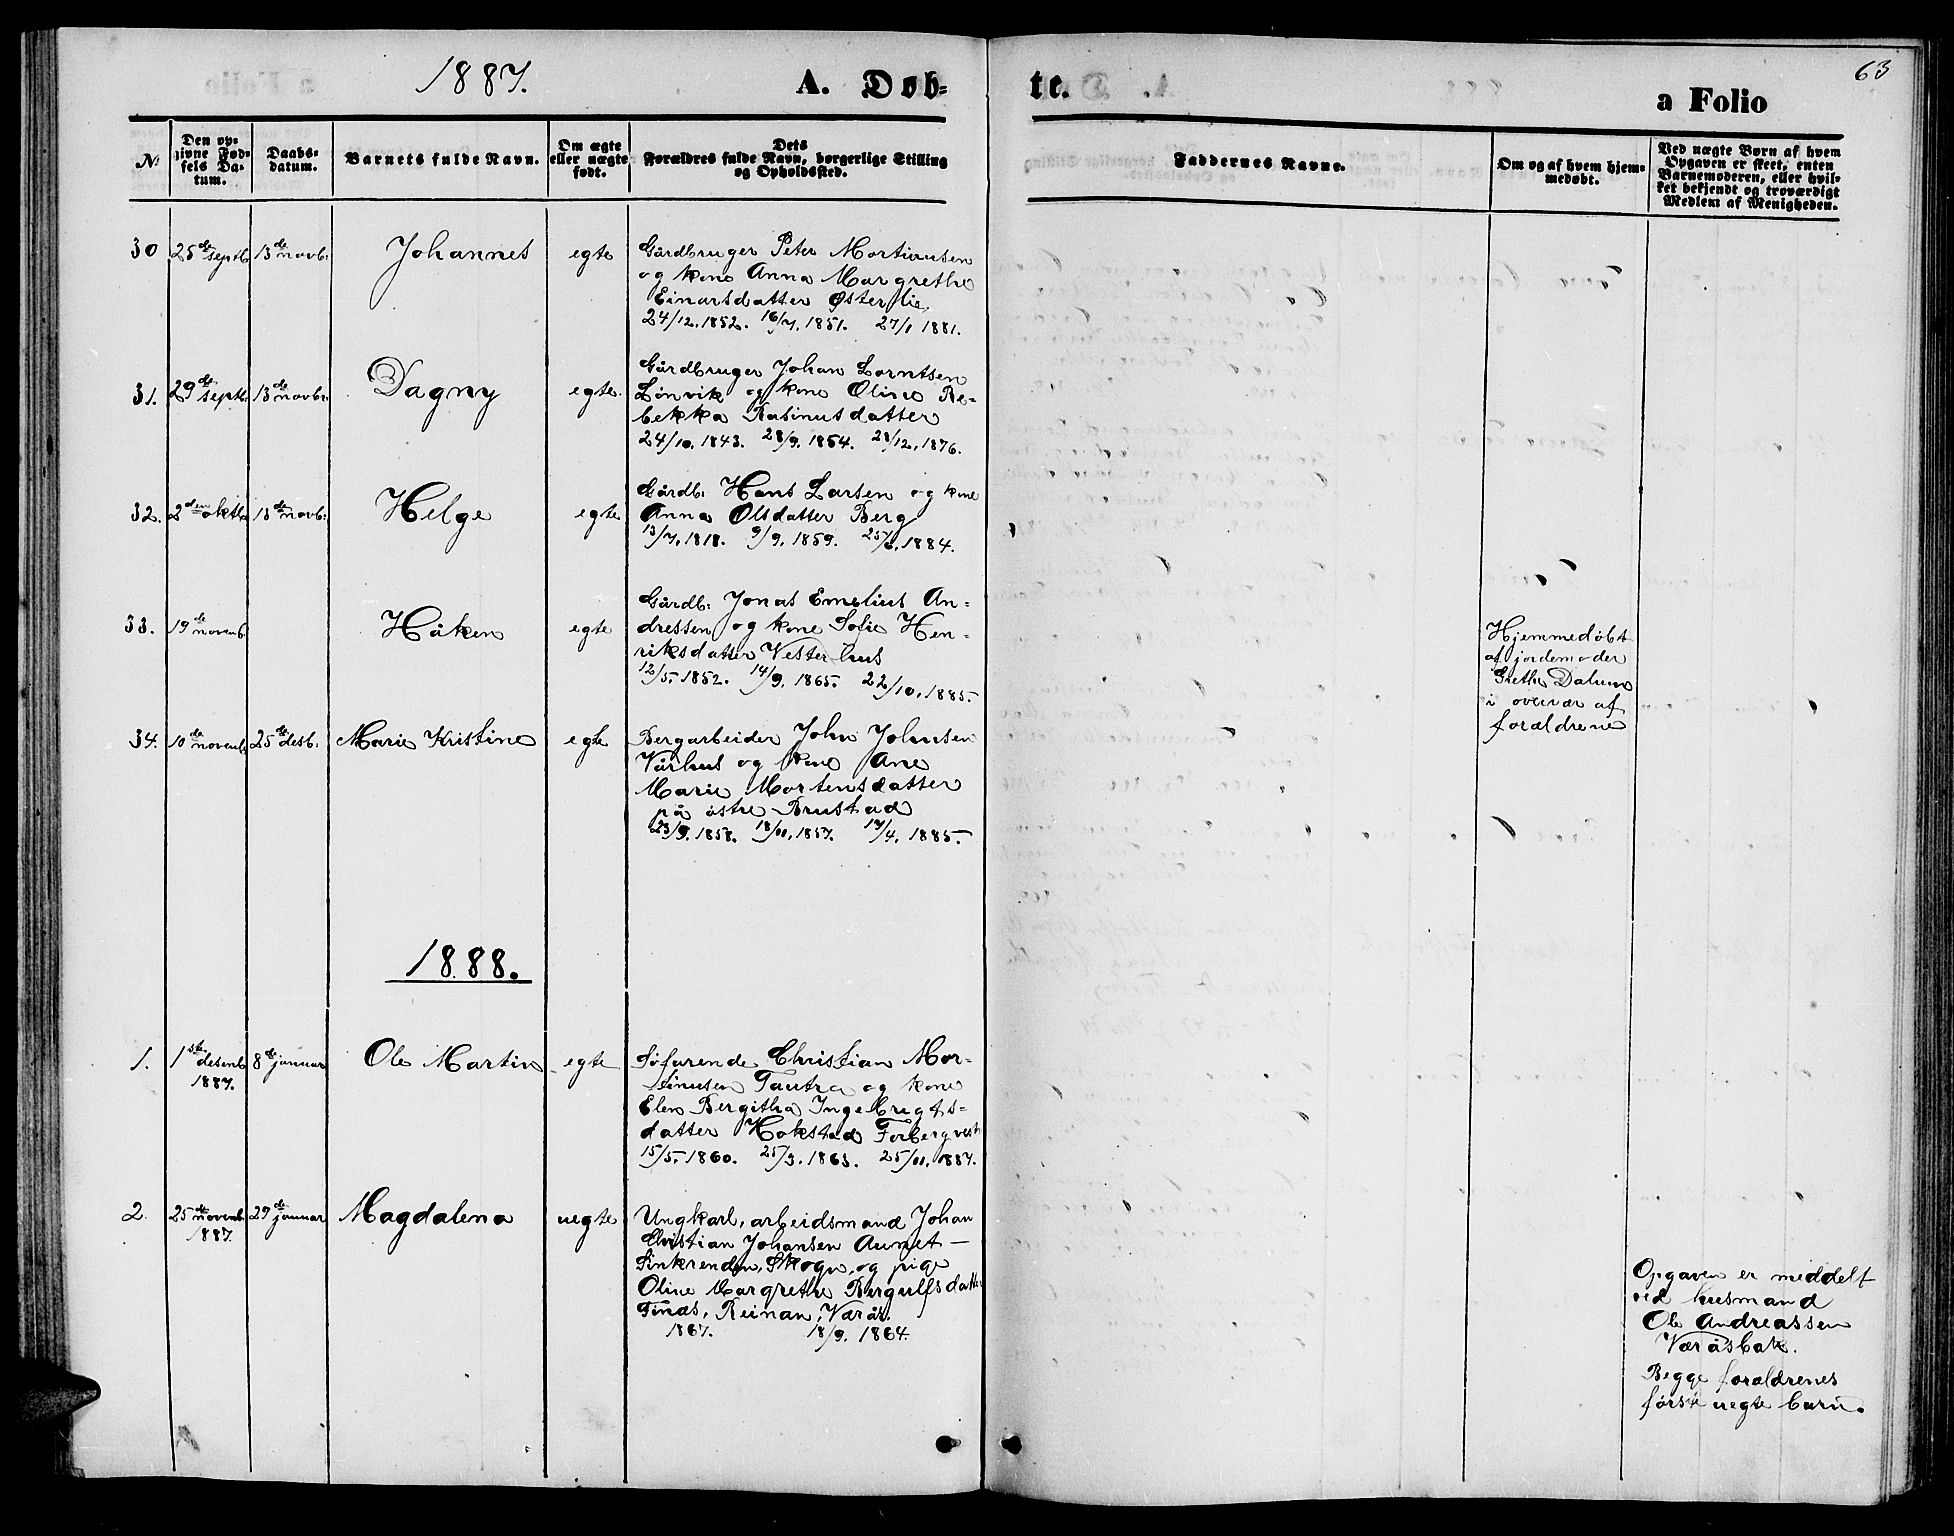 SAT, Ministerialprotokoller, klokkerbøker og fødselsregistre - Nord-Trøndelag, 722/L0225: Klokkerbok nr. 722C01, 1871-1888, s. 63